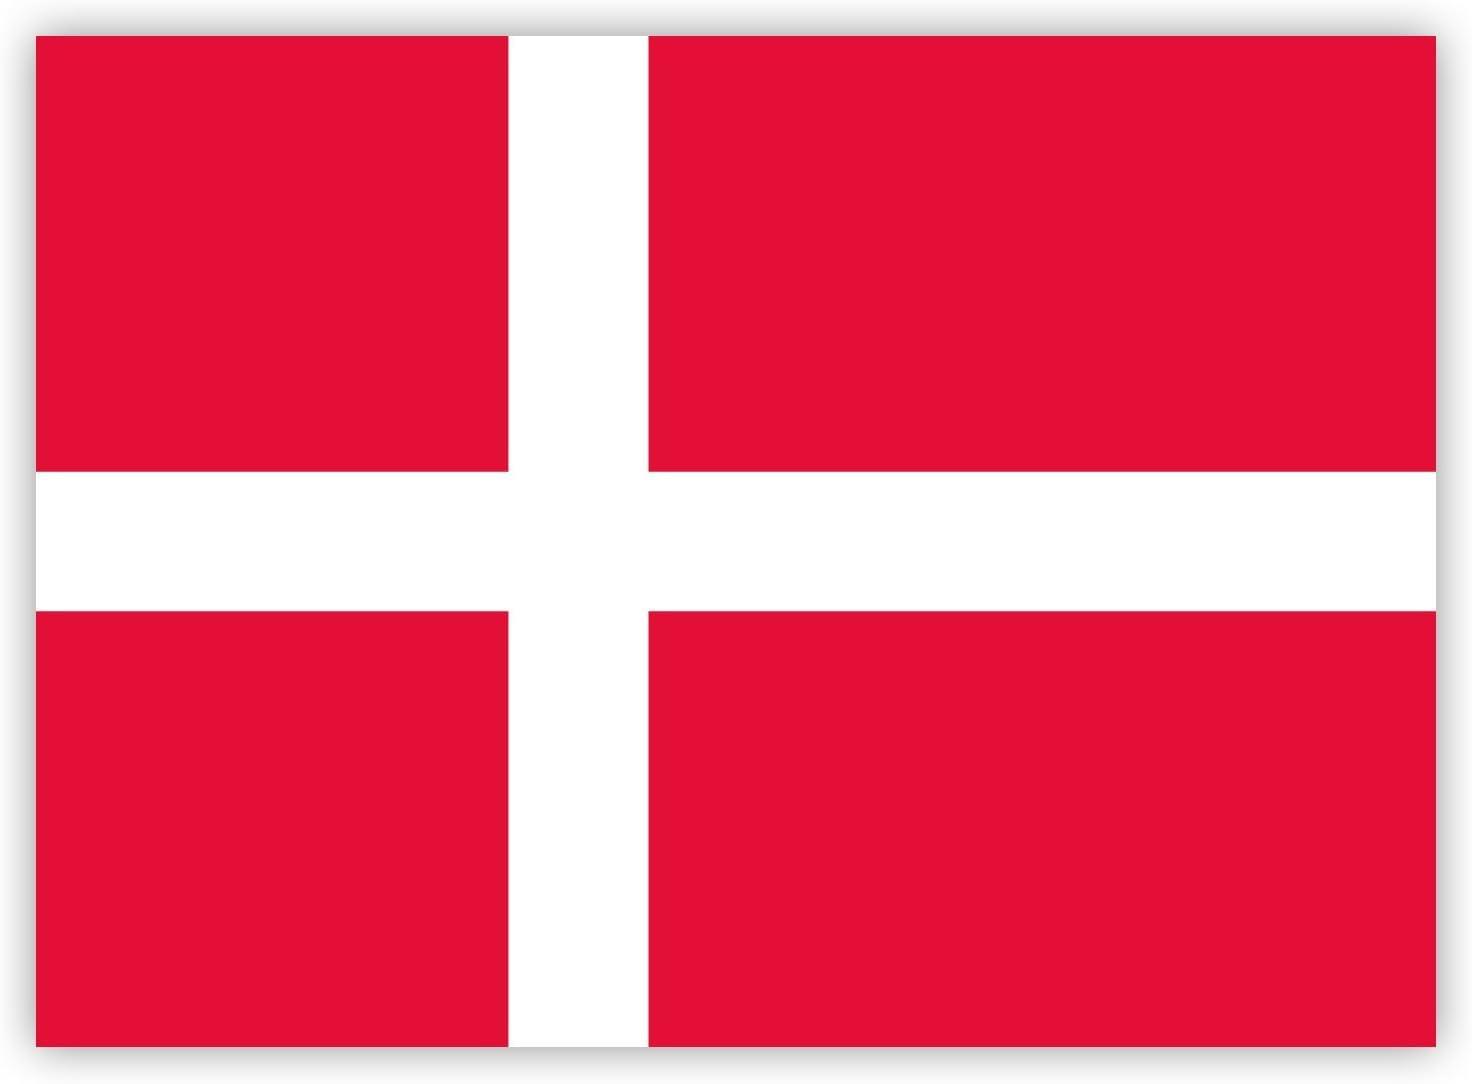 10 X Aufkleber Dänemark Flagge 7 4 X 5 2 Cm Für Innen Und Außen Auto